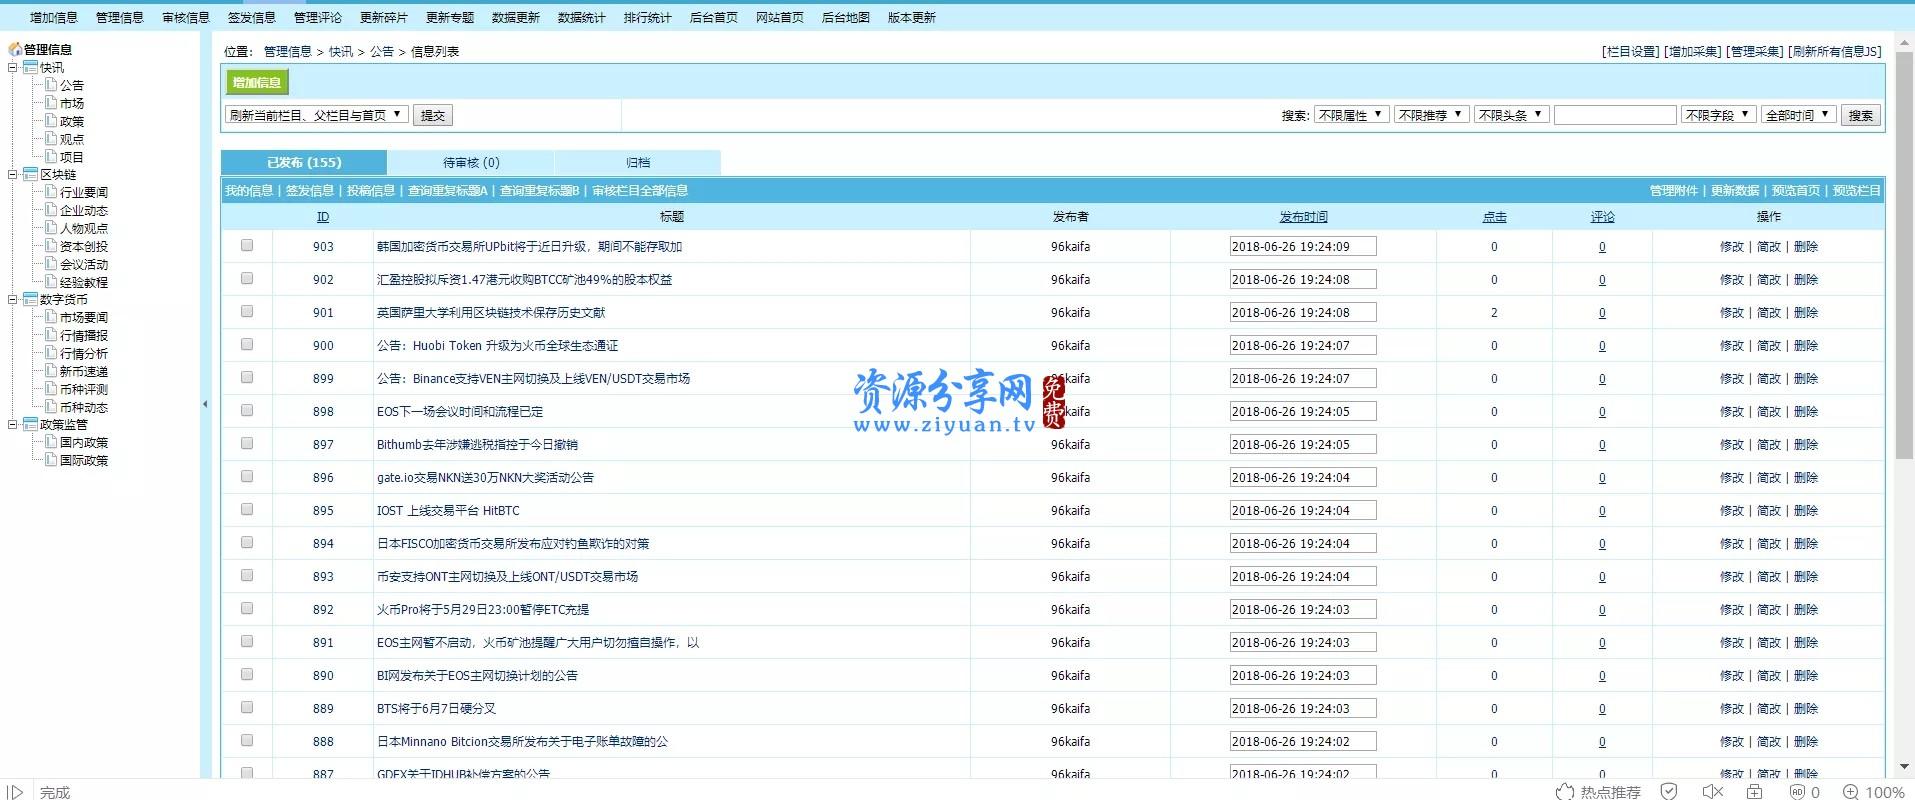 帝国 cms 区块链数字货币资讯站